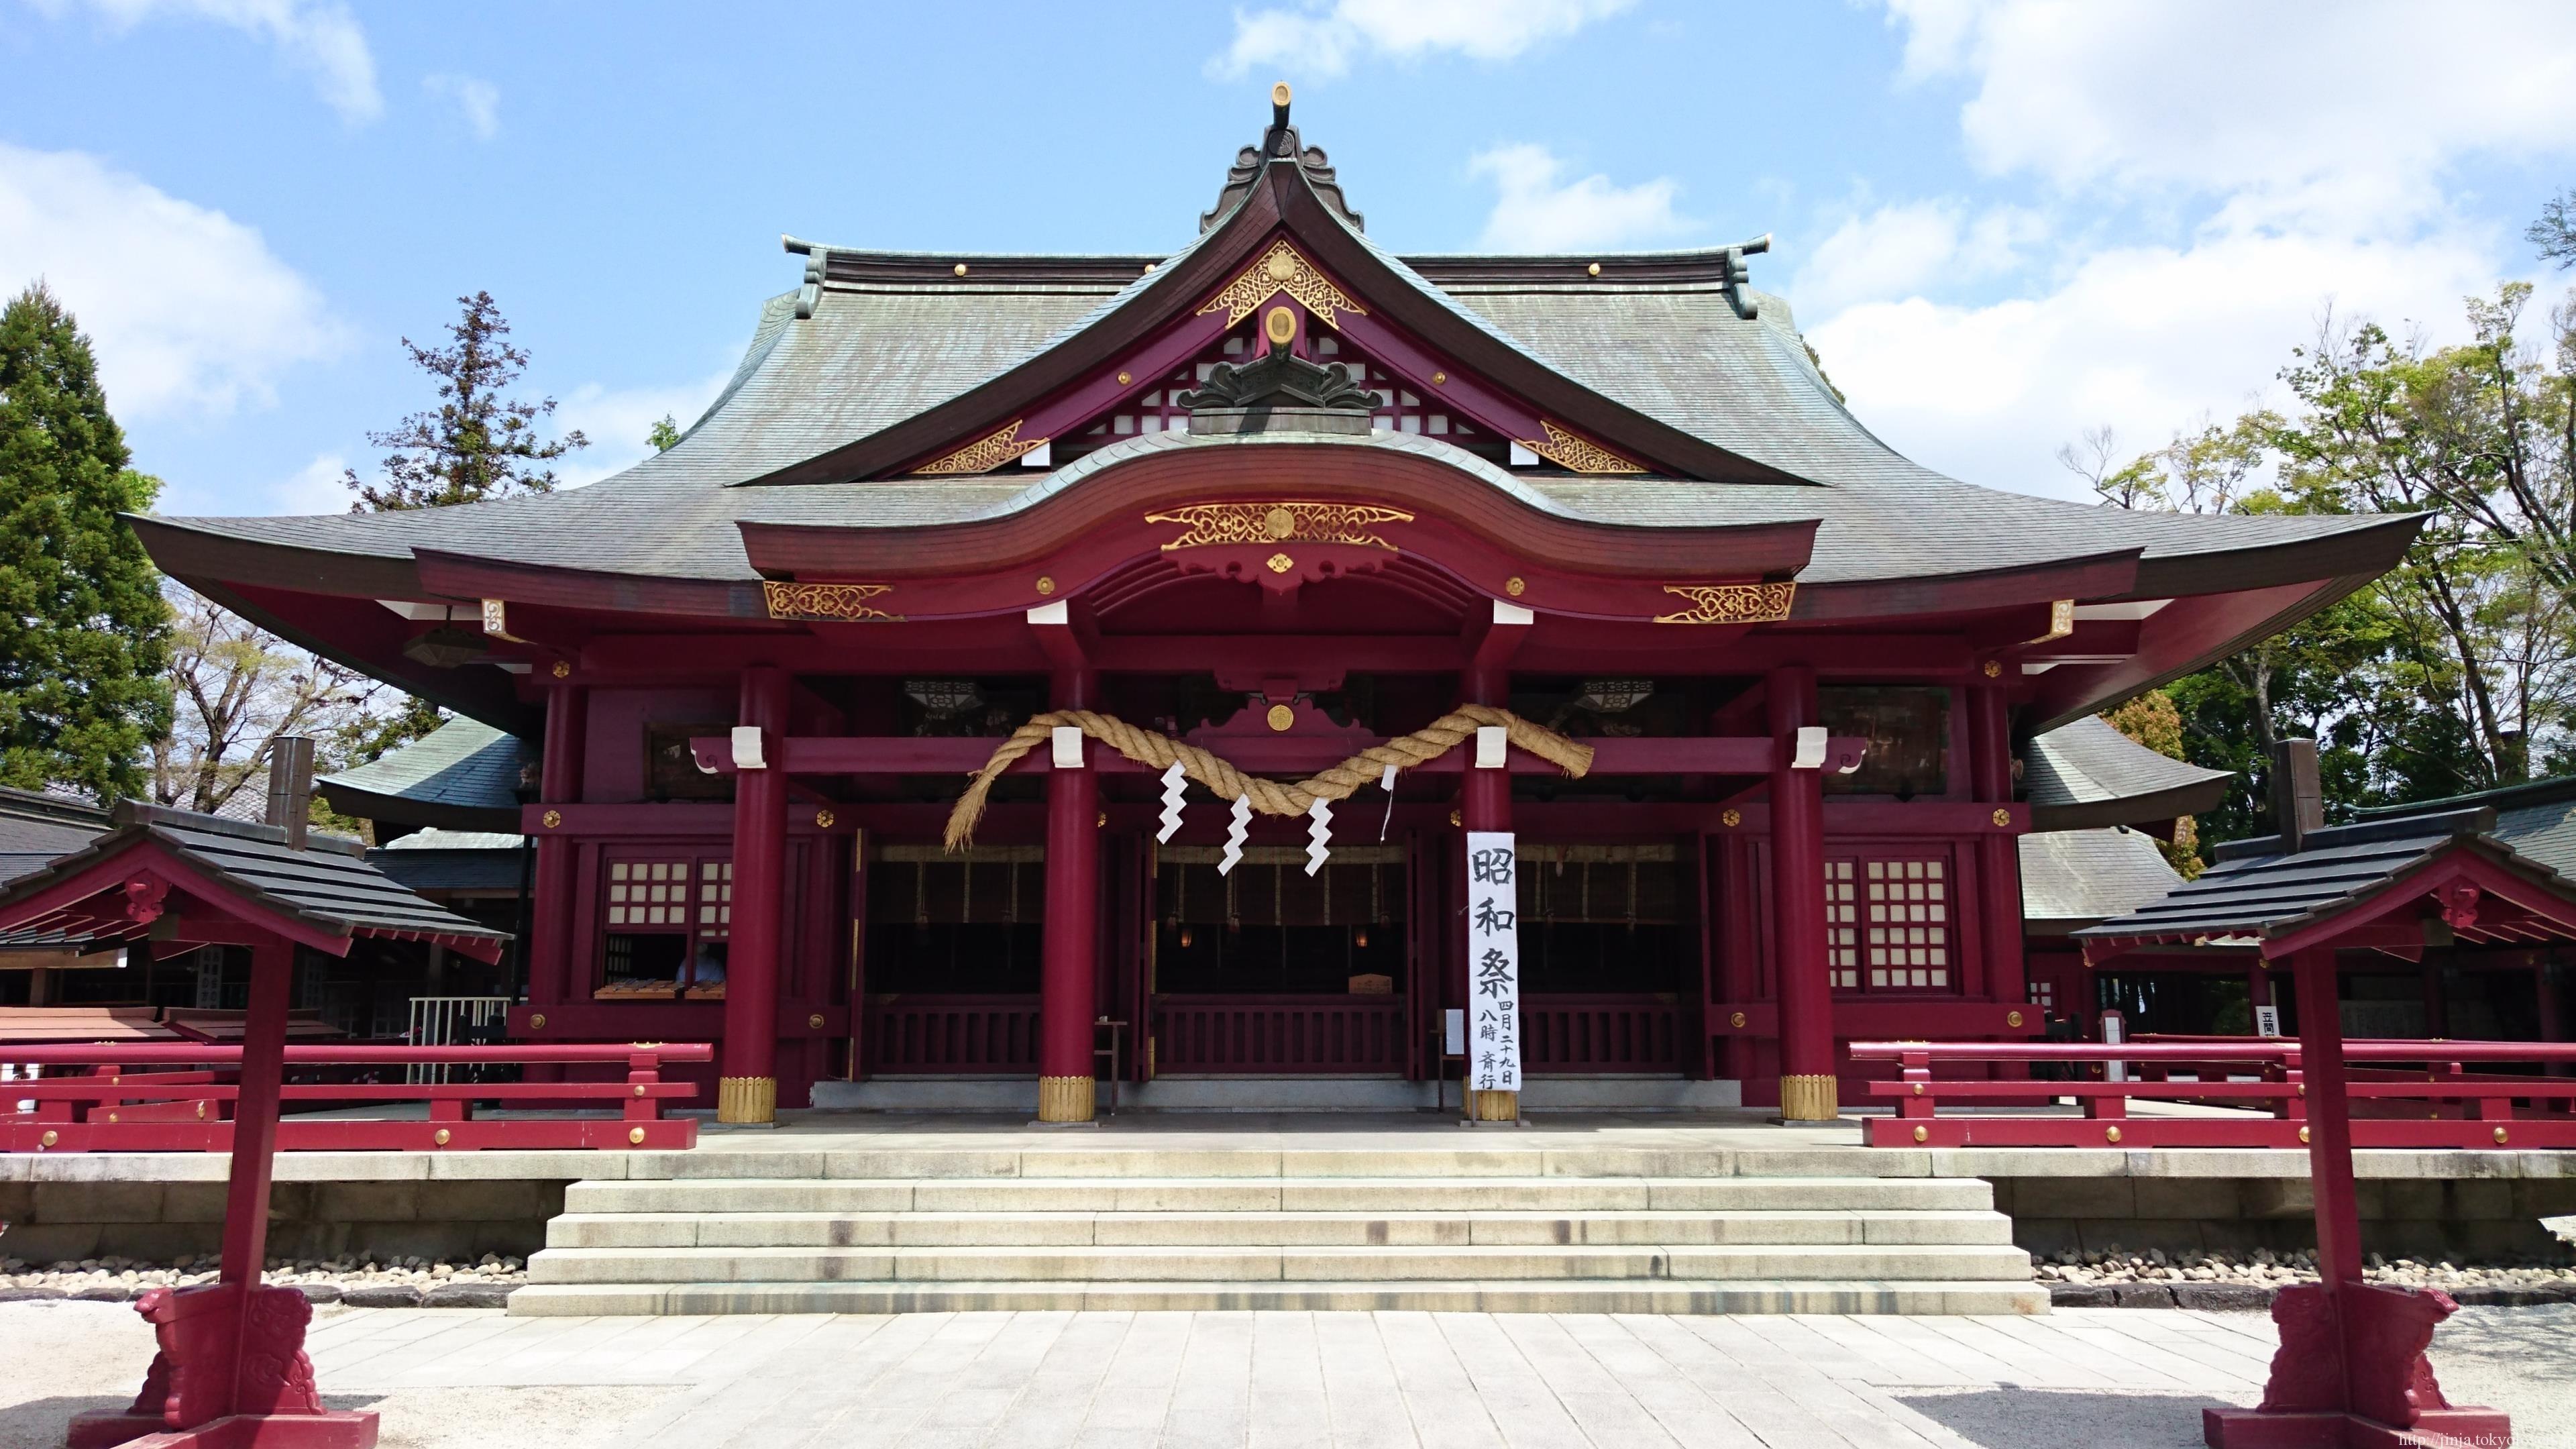 笠間稲荷神社に行こう!御朱印めぐりのアレコレやアクセスなどをご紹介